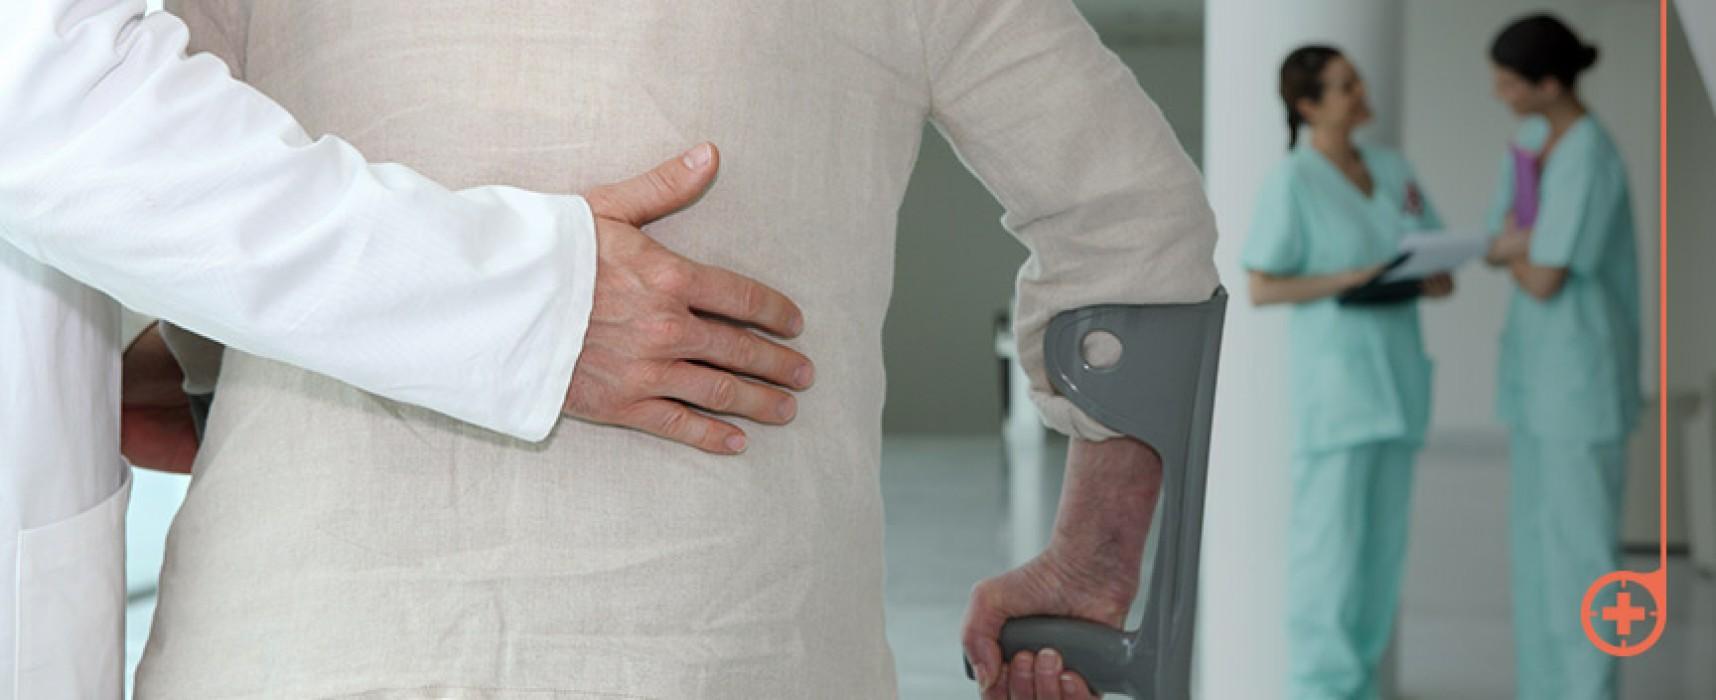 Células madre para tratar la esclerosis múltiple